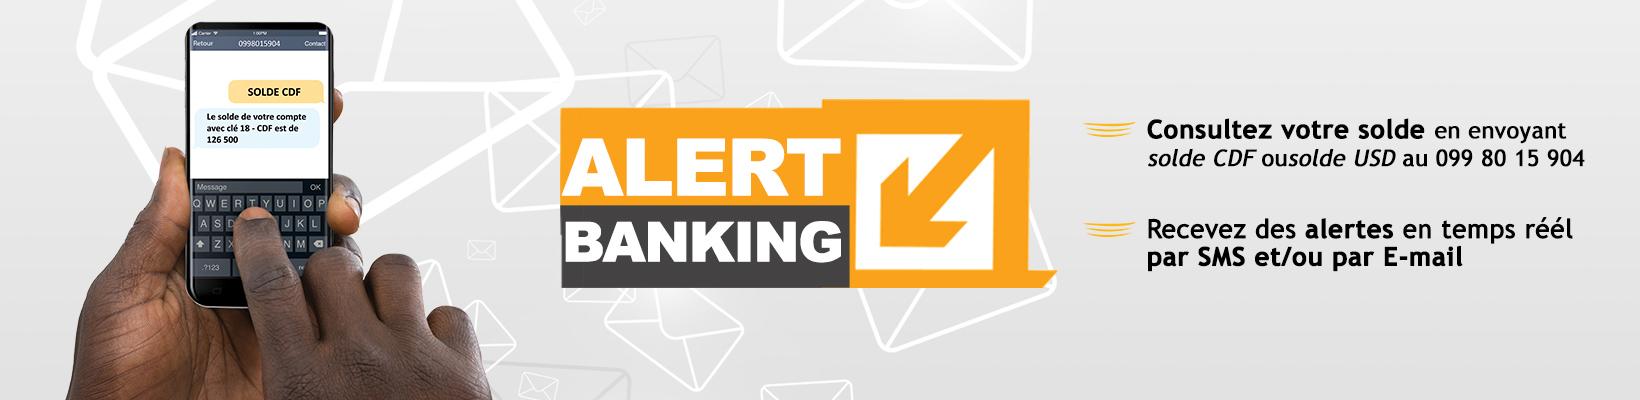 1640x400-Alert-Banking